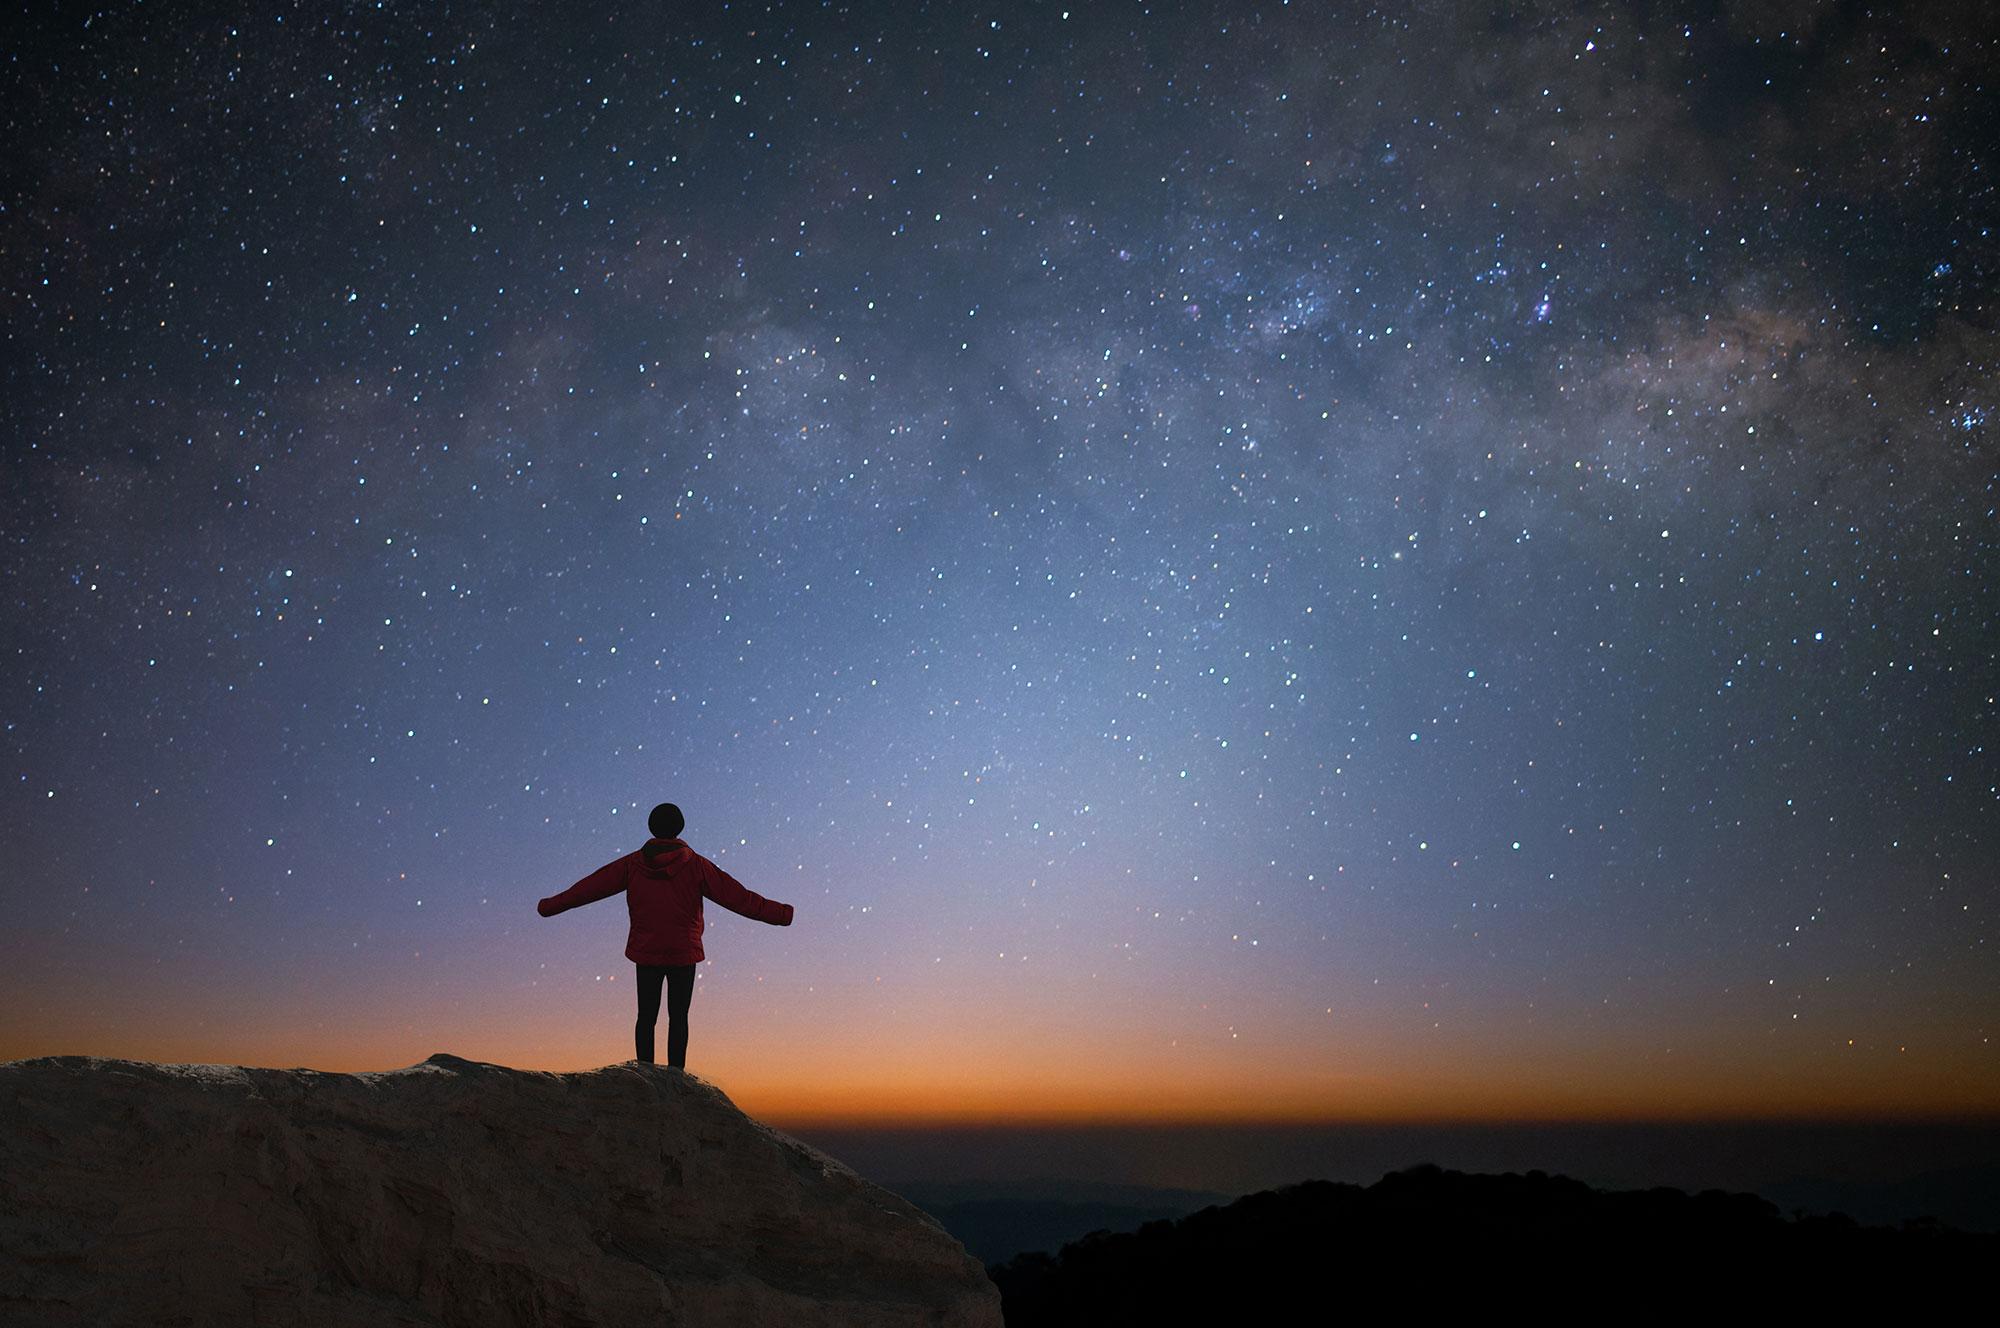 best night hiking destination